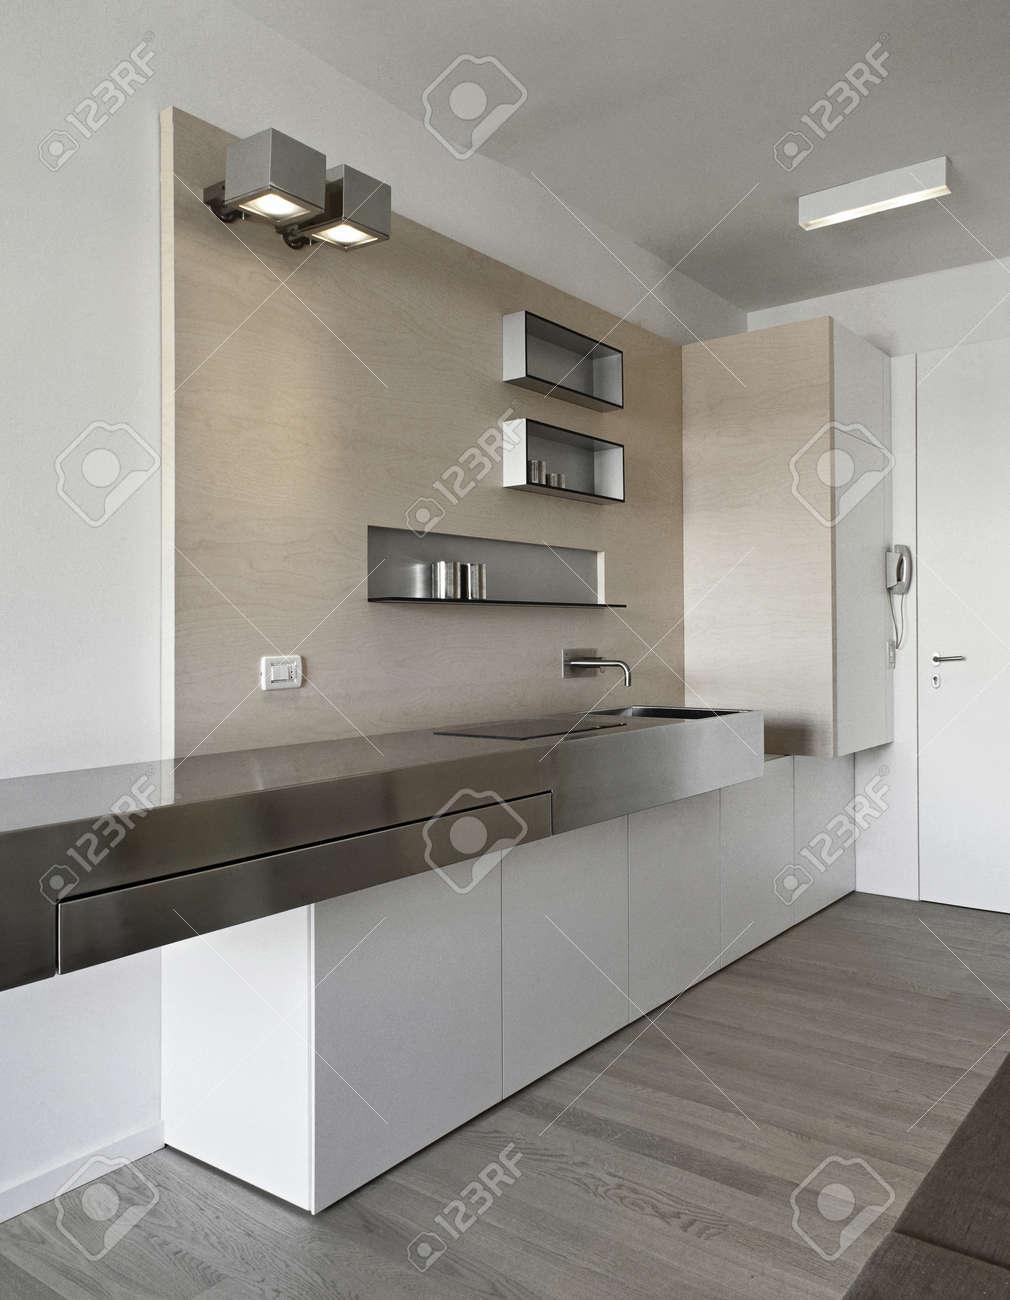 Moderner eingangsbereich innen  Treppen Architektur öffentliche Gebäude | loopele.com